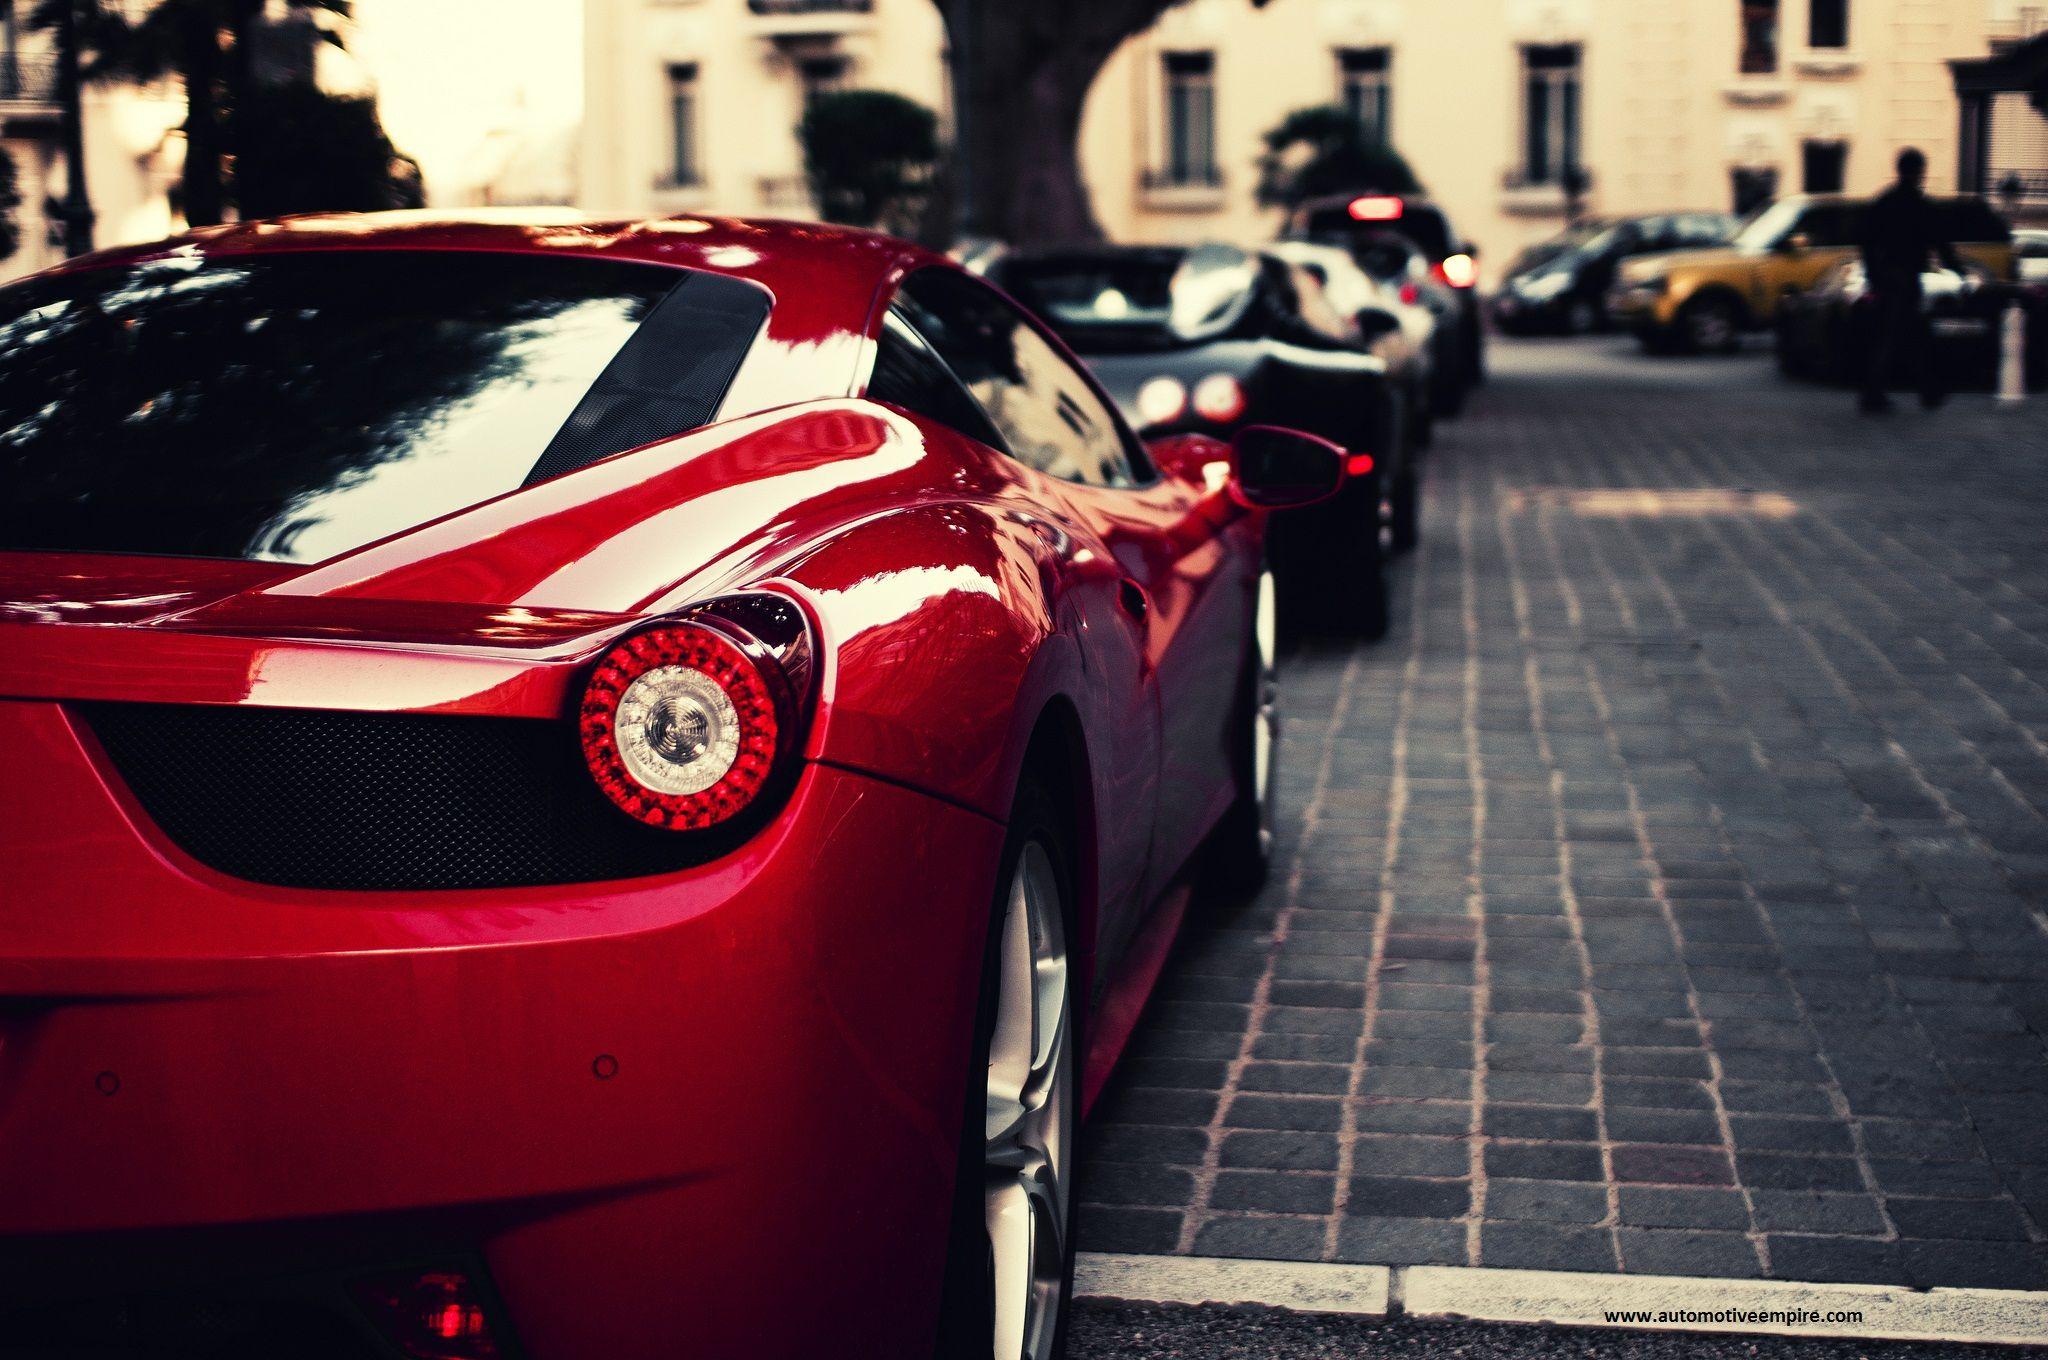 Ferrari 458 Italia Tail light   Sports cars luxury, Sports car, Ferrari car